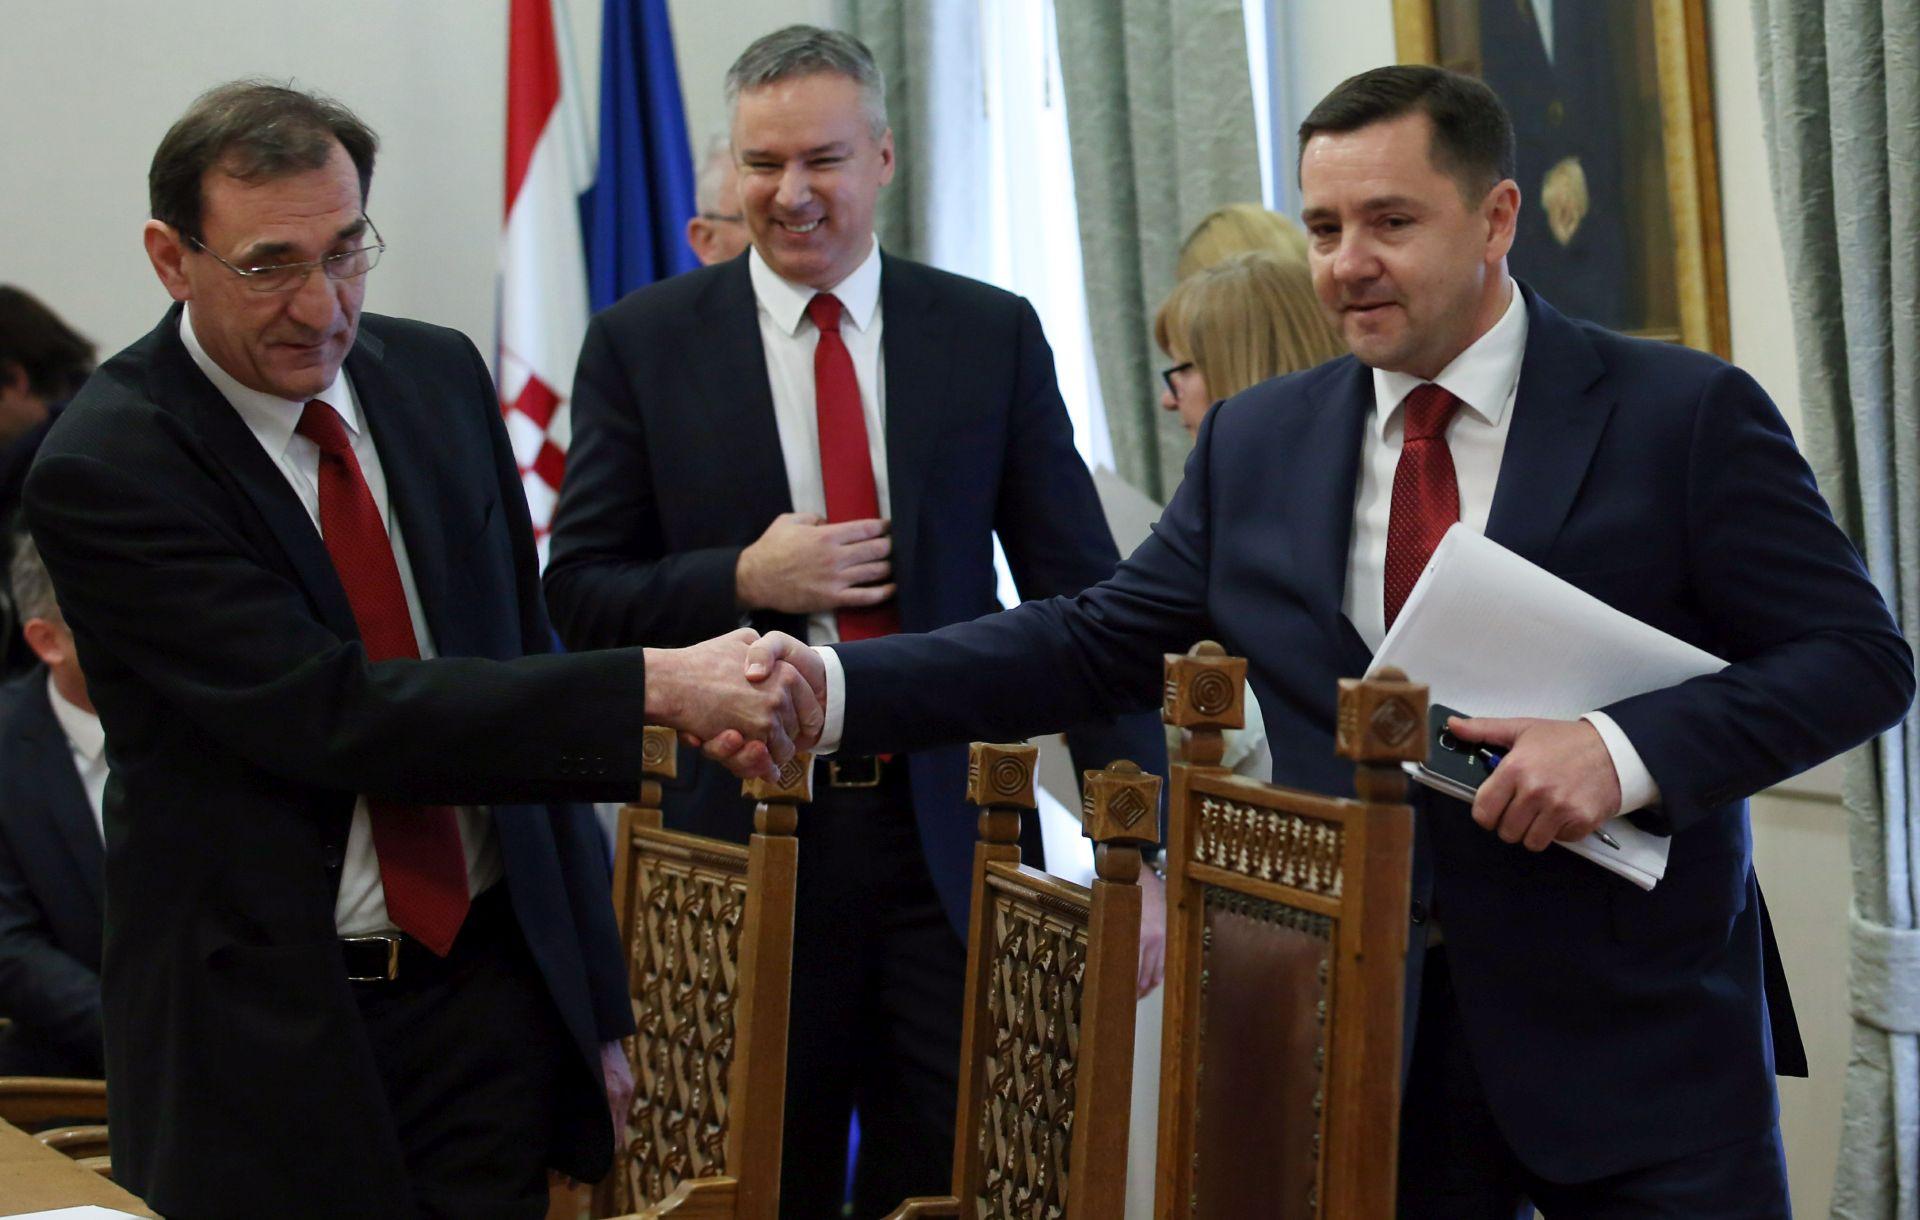 SJEDNICA ODBORA ZA MEDIJE: Smijenjen Goran Radman, Siniša Kovačić prihvaćen za novog v.d. ravnatelja HRT-a